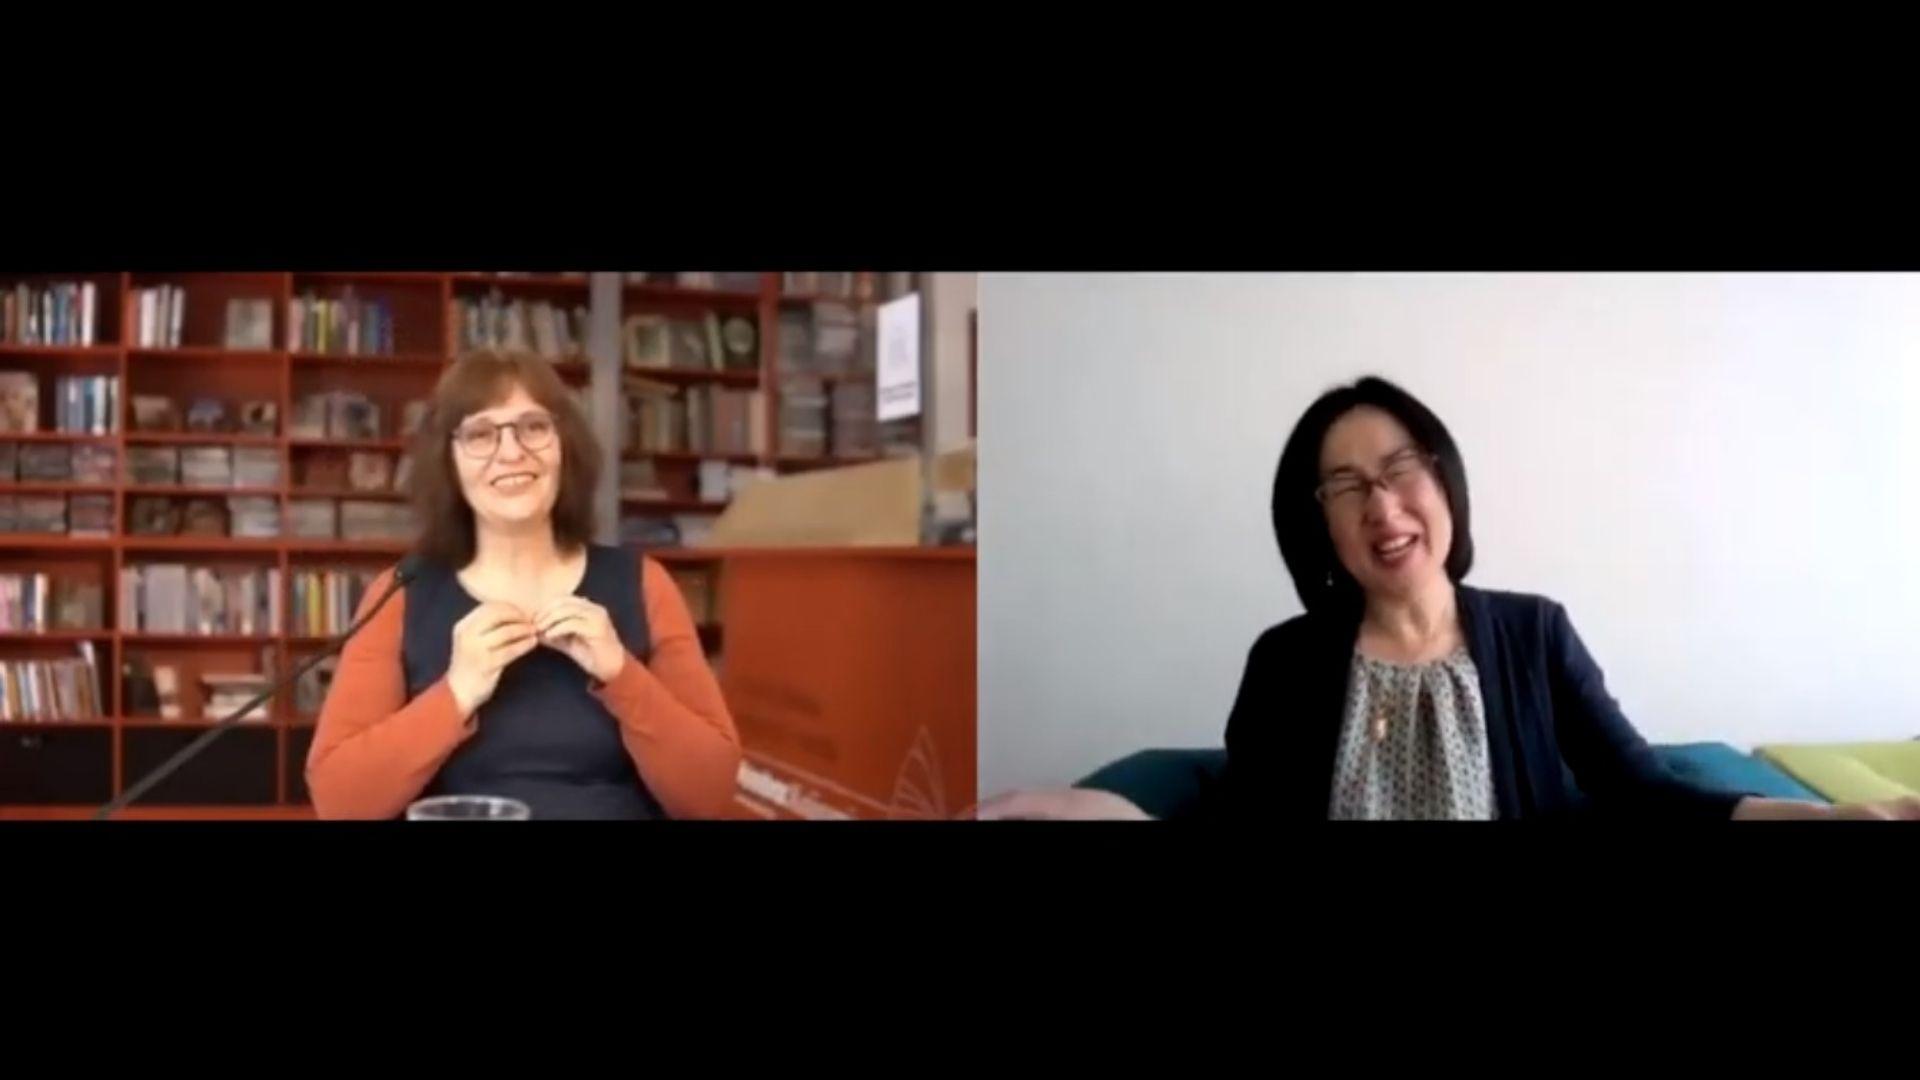 Filmska srečanja: posnetek pogovora ob filmu Tatiči